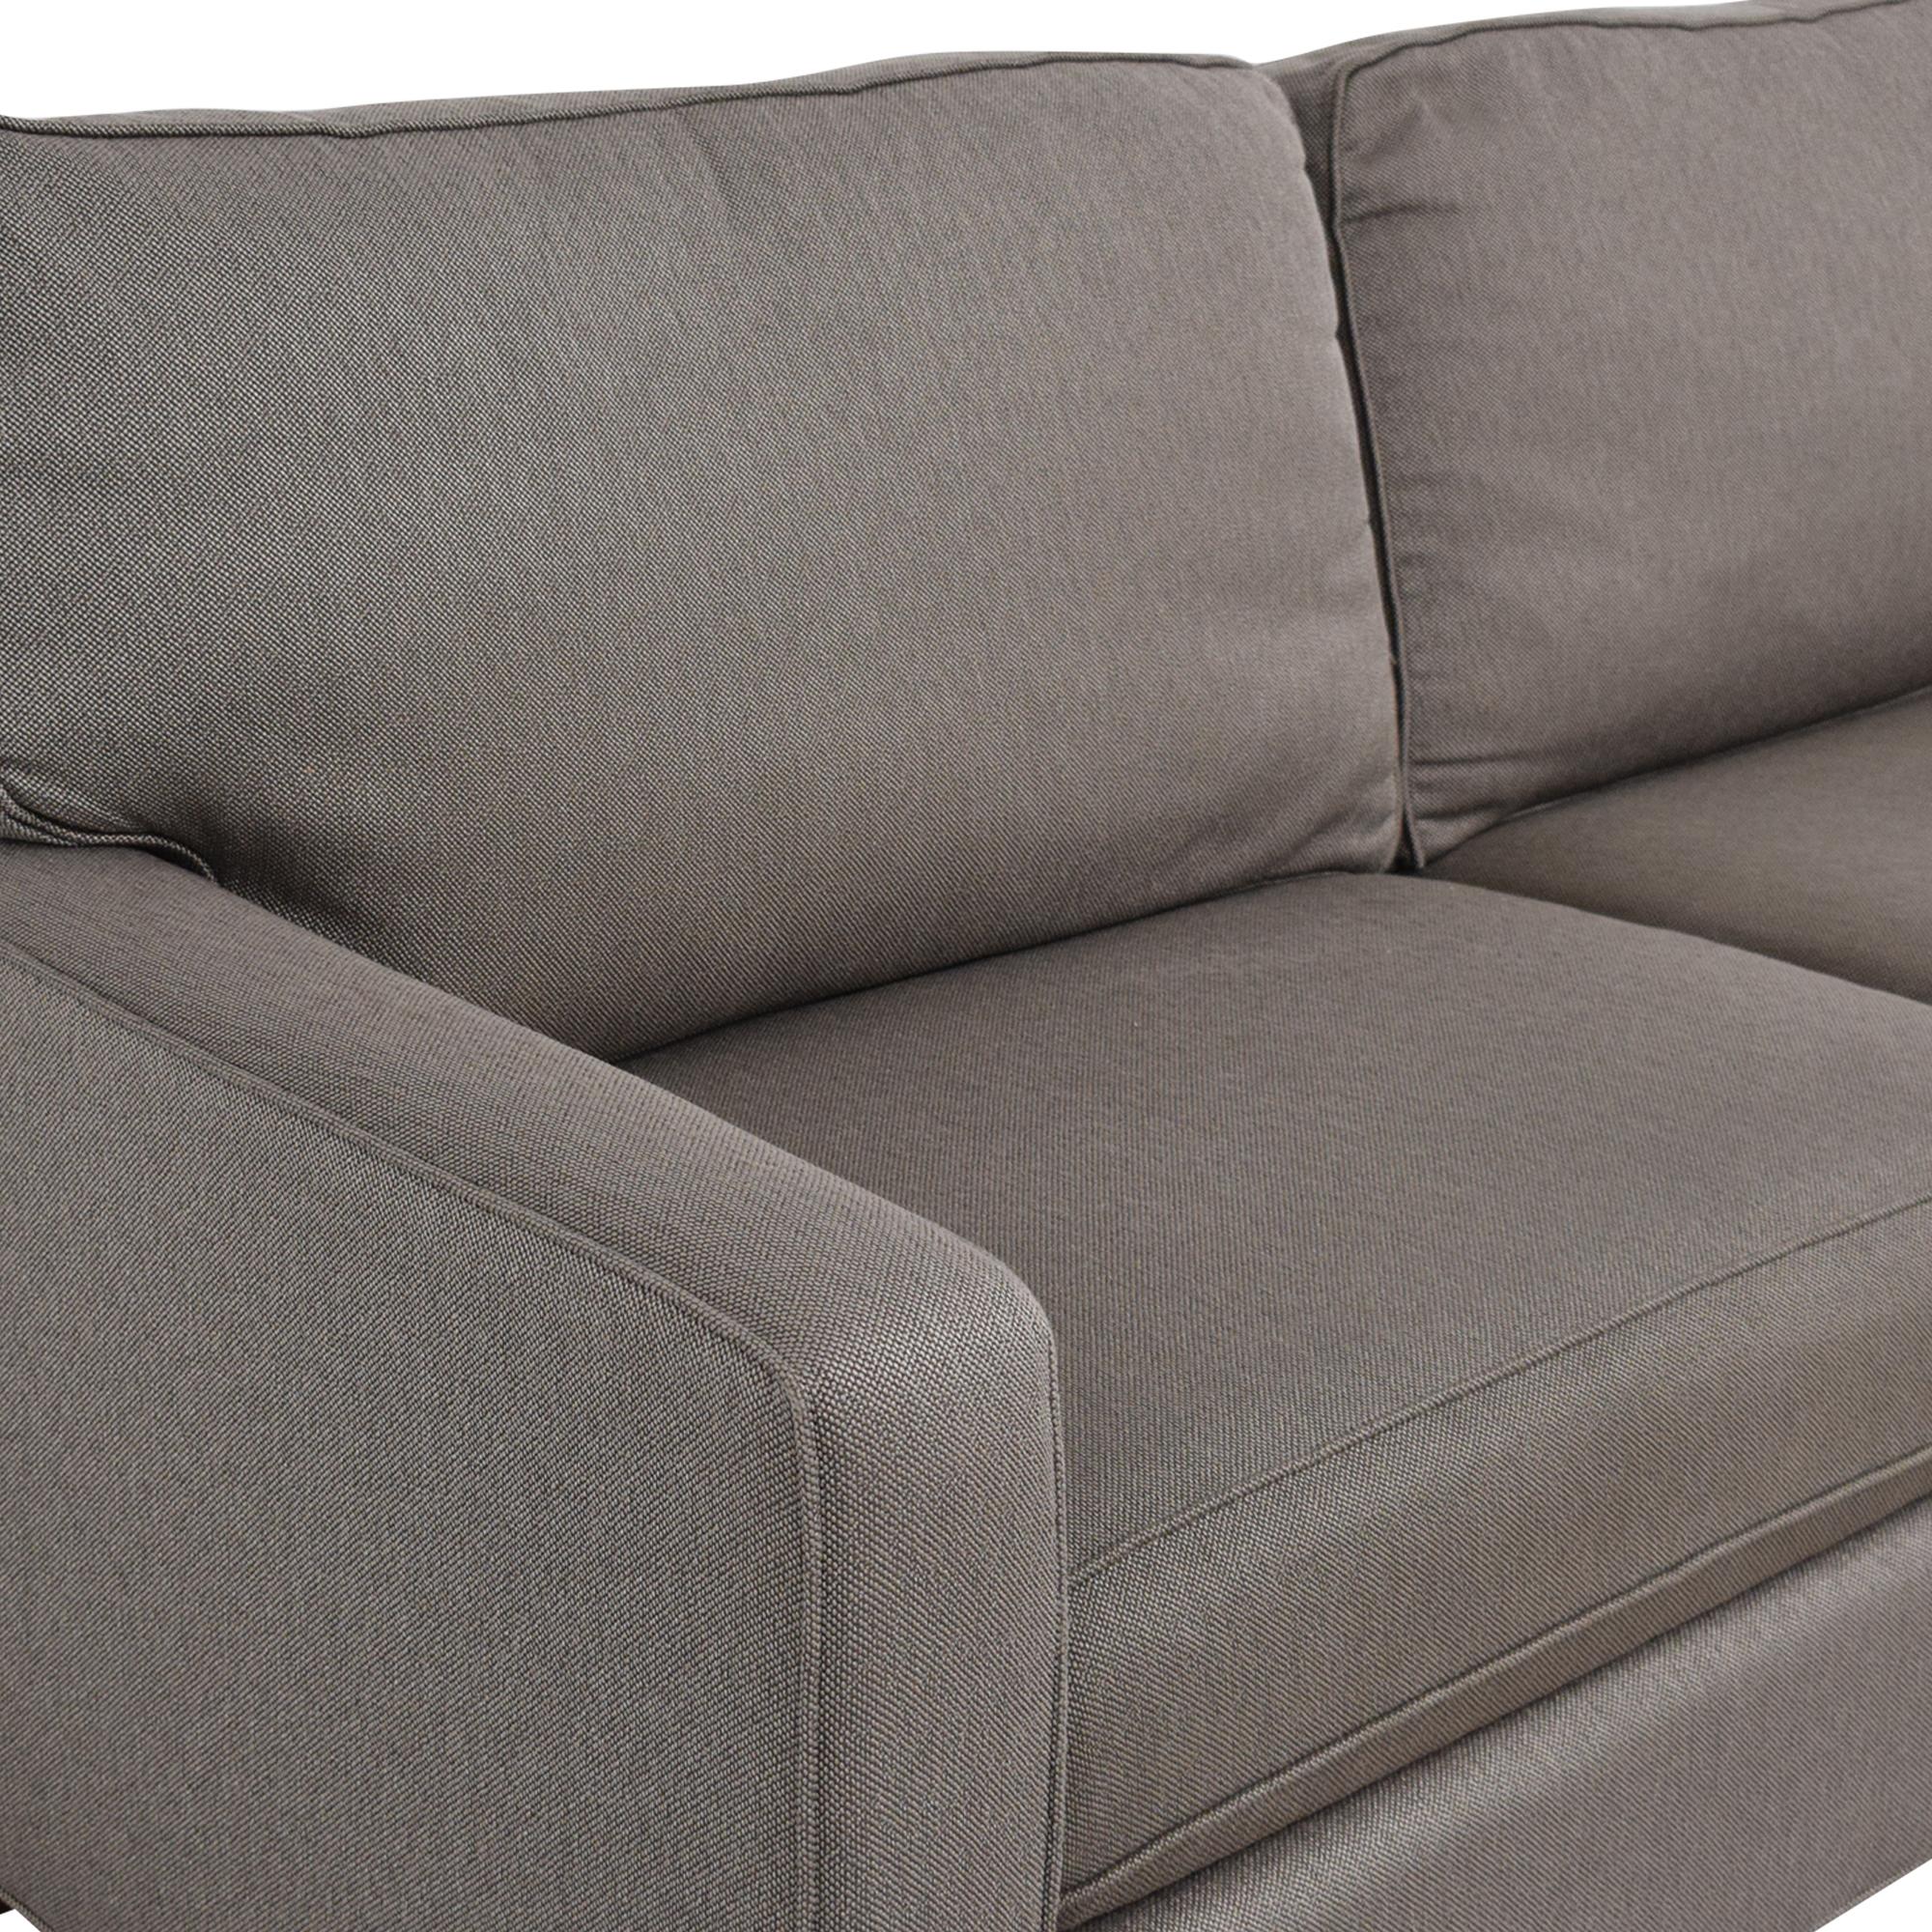 buy Bassett Furniture Bassett Furniture CU2 Sofa online